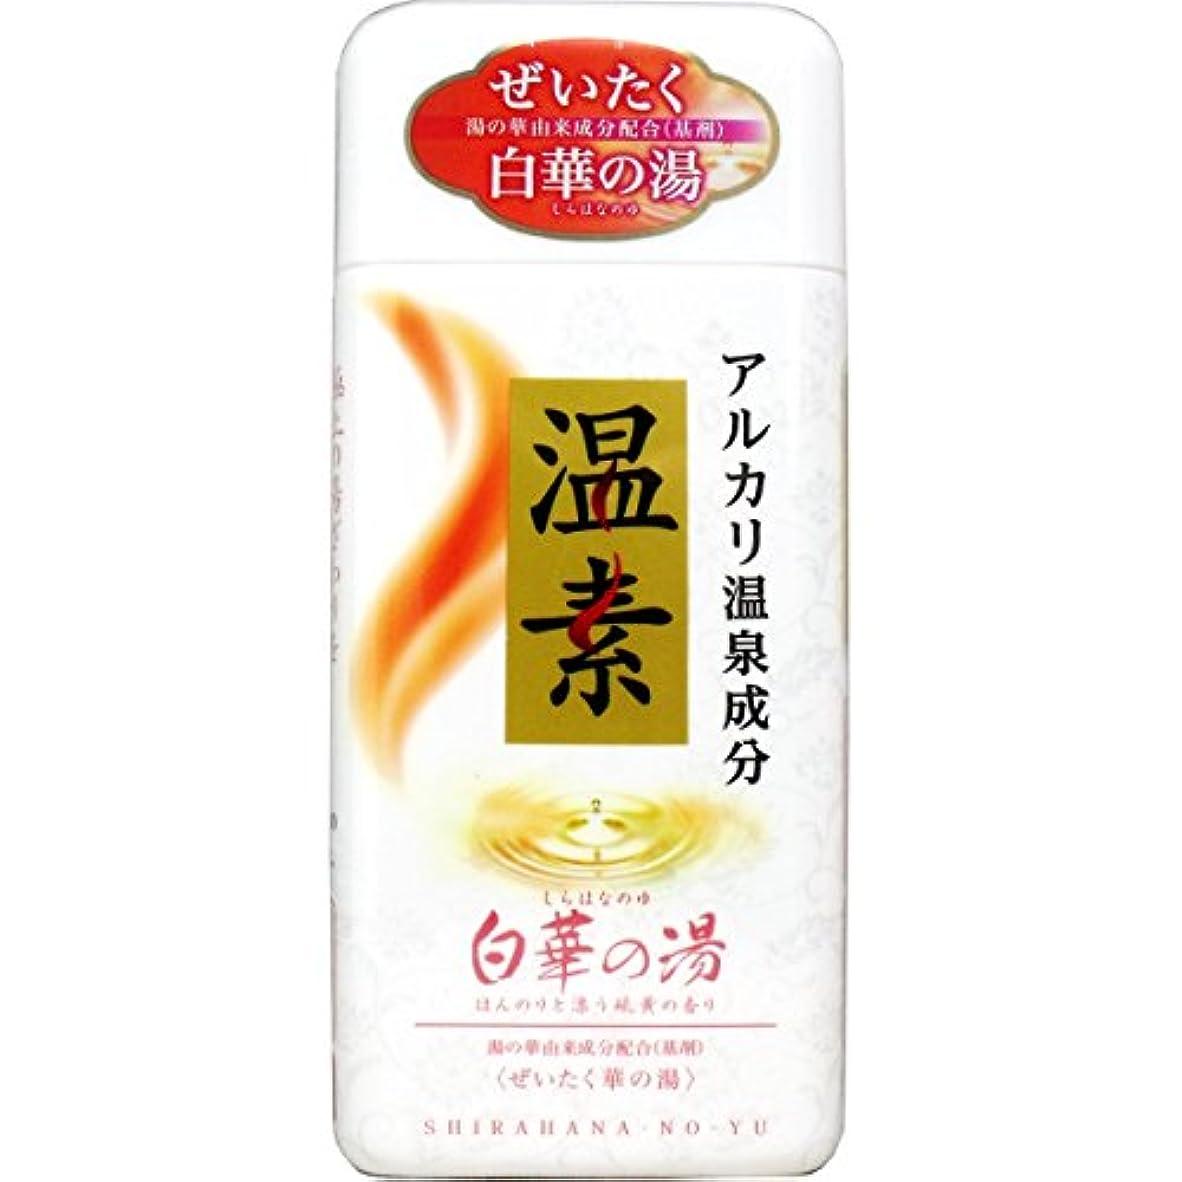 簡単な学者陰気お風呂用品 ぜいたく華の湯 本物志向 アルカリ温泉成分 温素 入浴剤 白華の湯 硫黄の香り 600g入